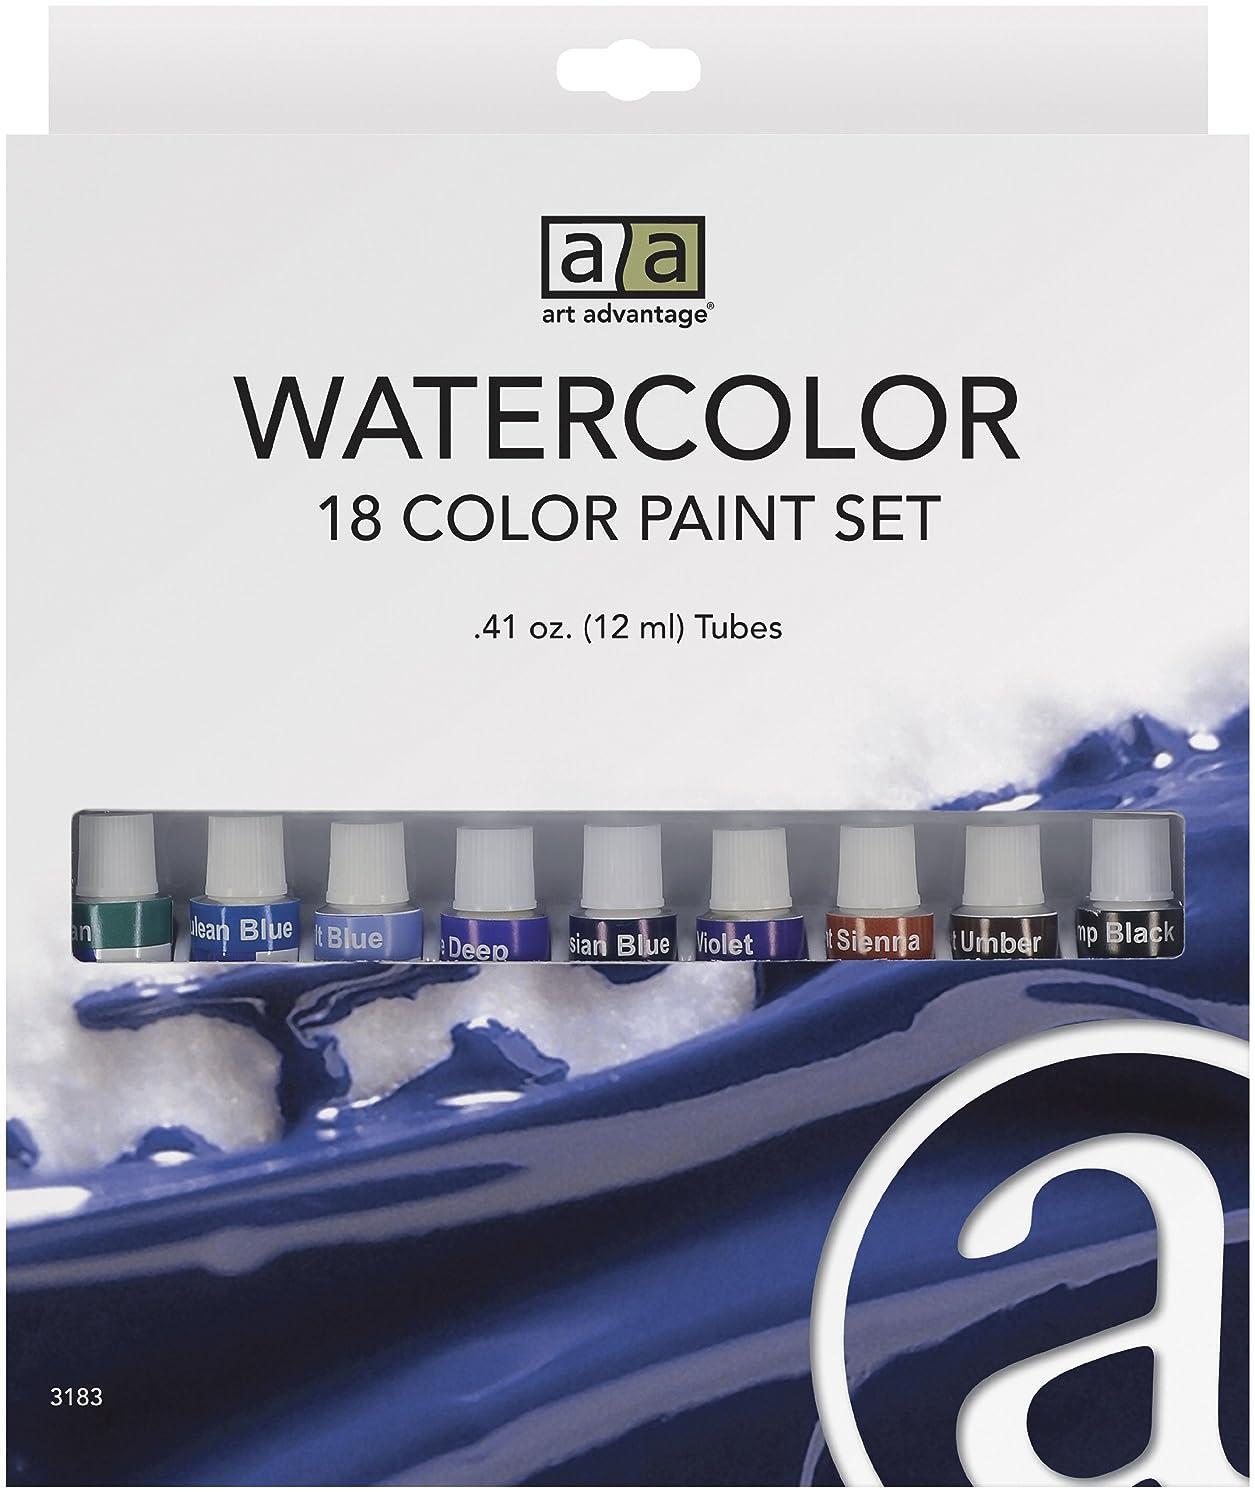 Art Advantage 12-Mililiter Tube Watercolor Paint Set, 18 Color